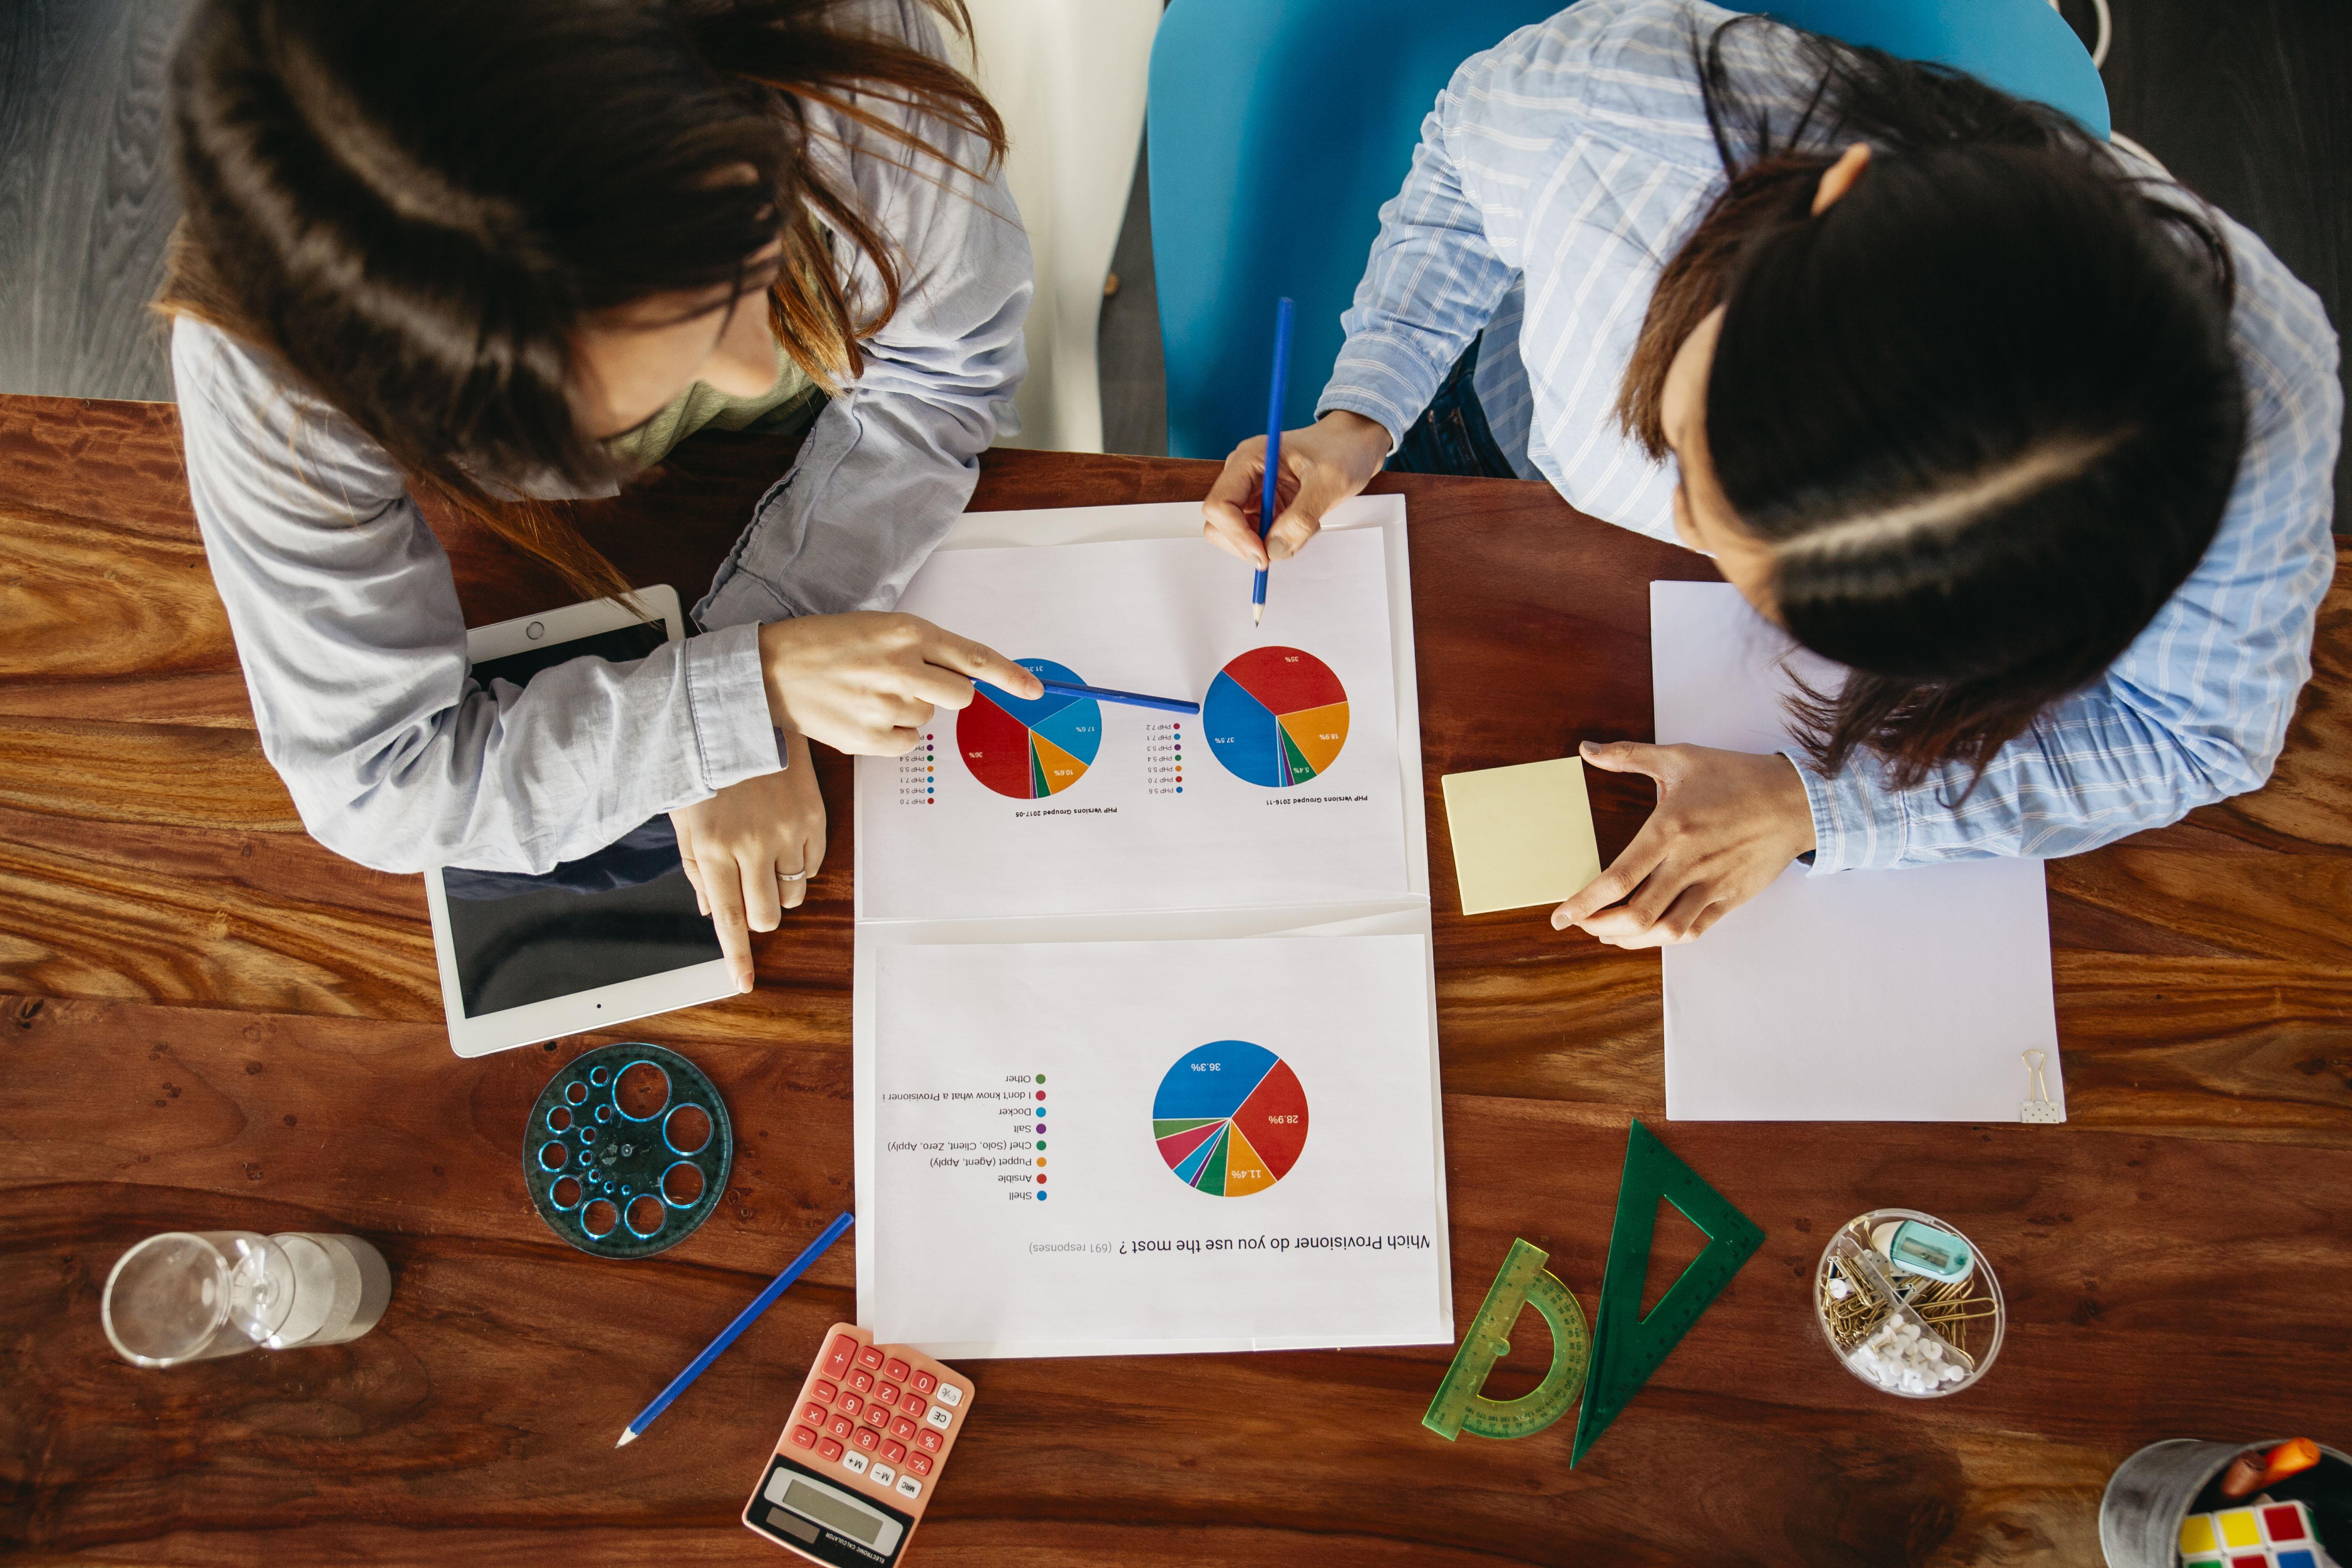 Strategizing for shared economy